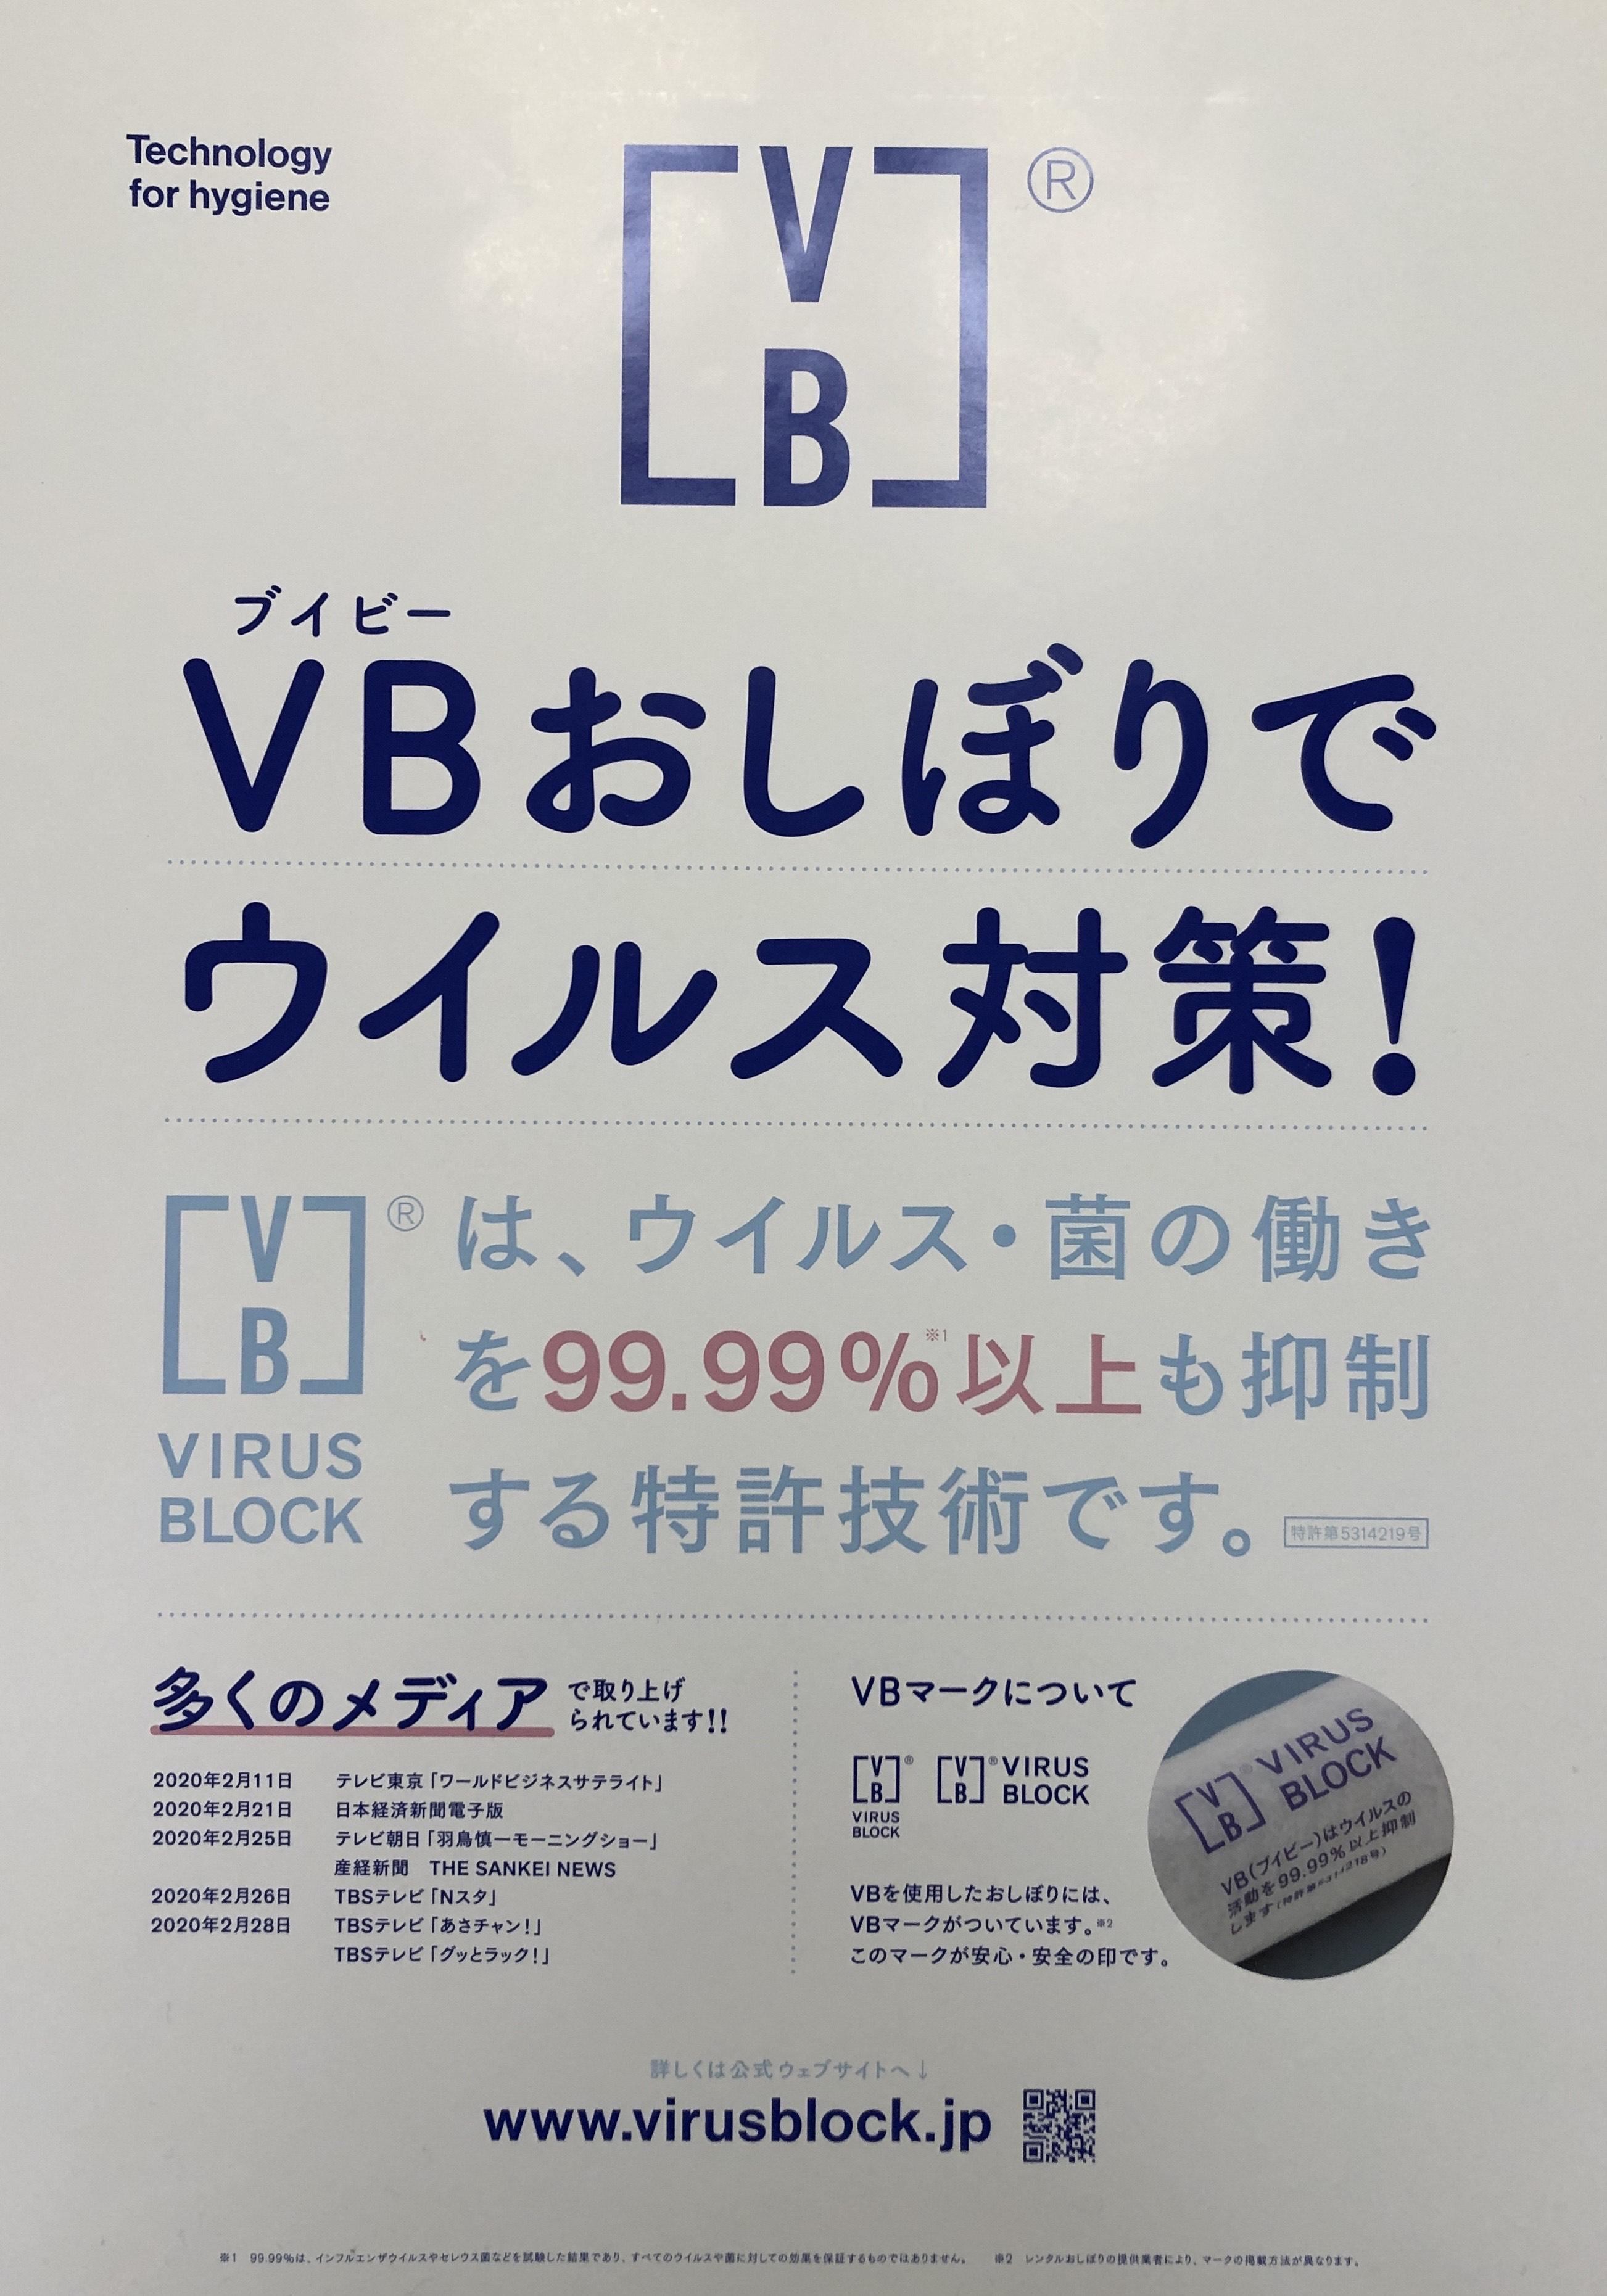 【お知らせ】VB紙おしぼり購入者限定特典 VBポスター配布中!